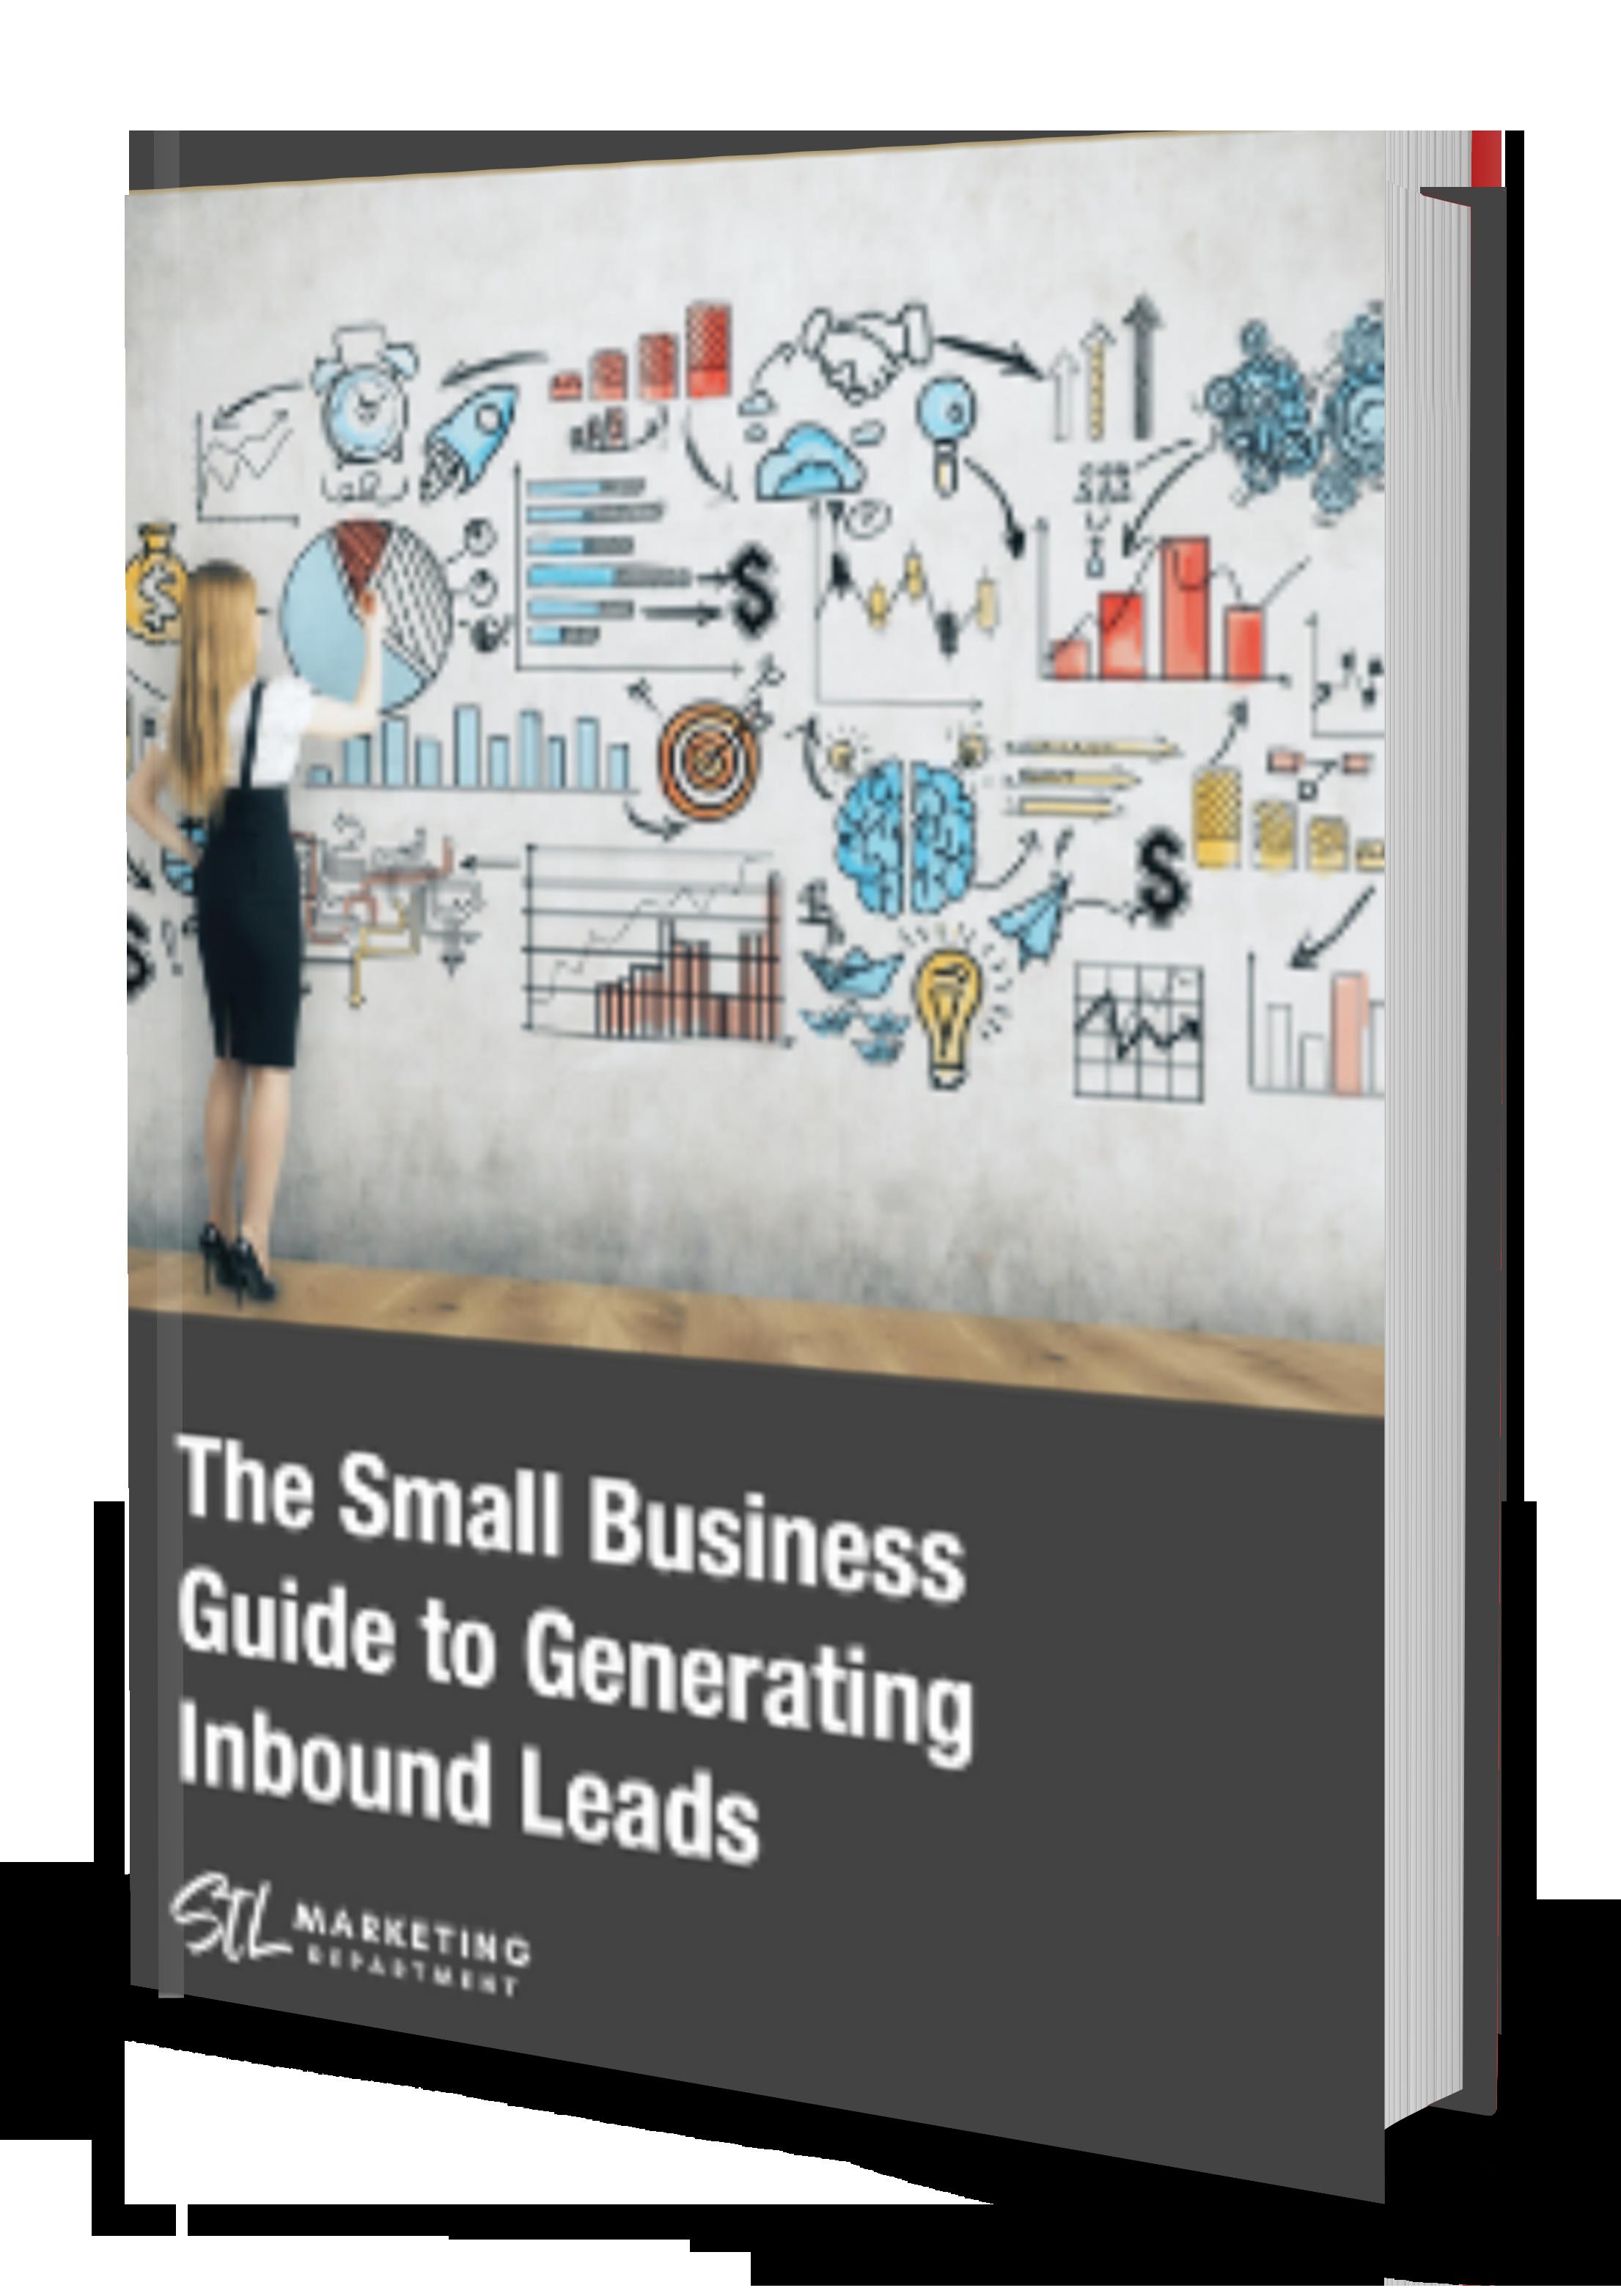 Small Biz Guide to Inbound-STLMD eBook